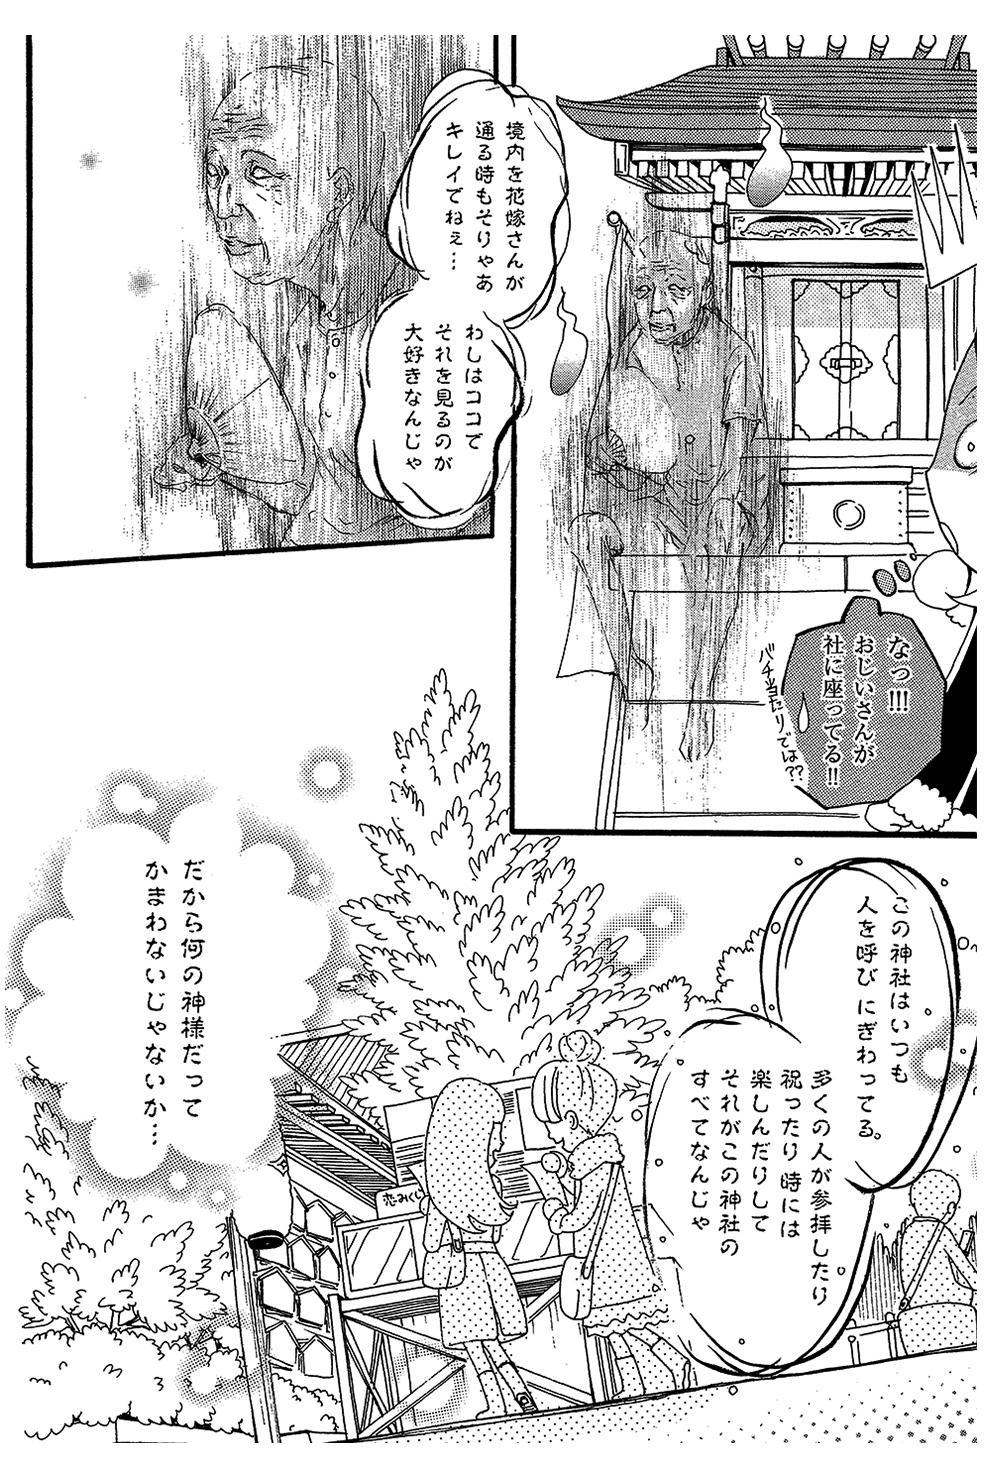 スピ☆散歩 第1話「東京大神宮」②spi0026.jpg